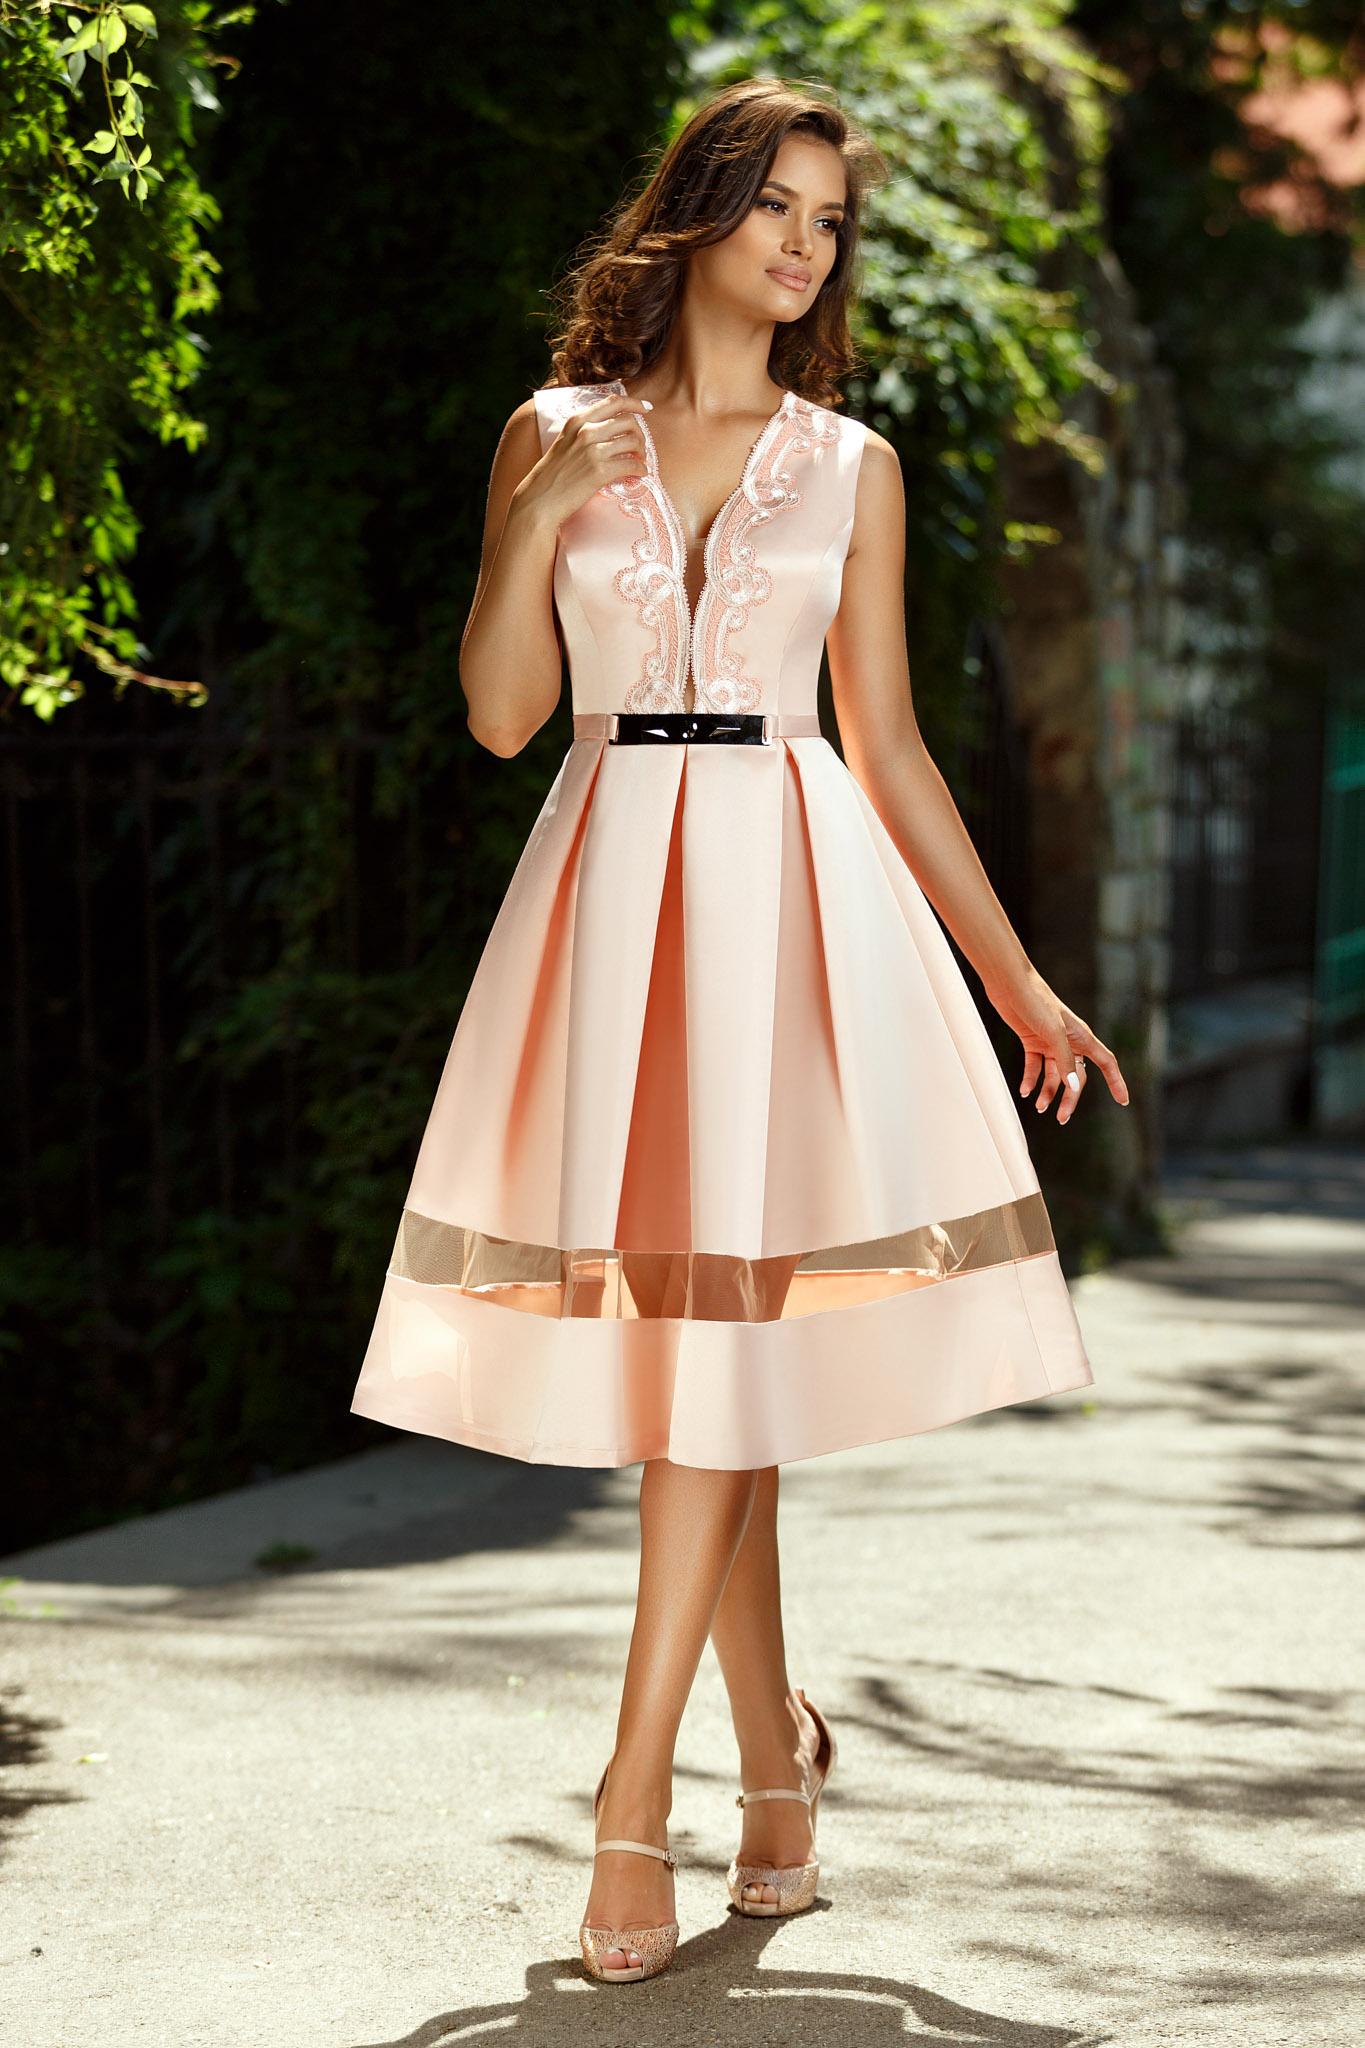 rochie justine peach